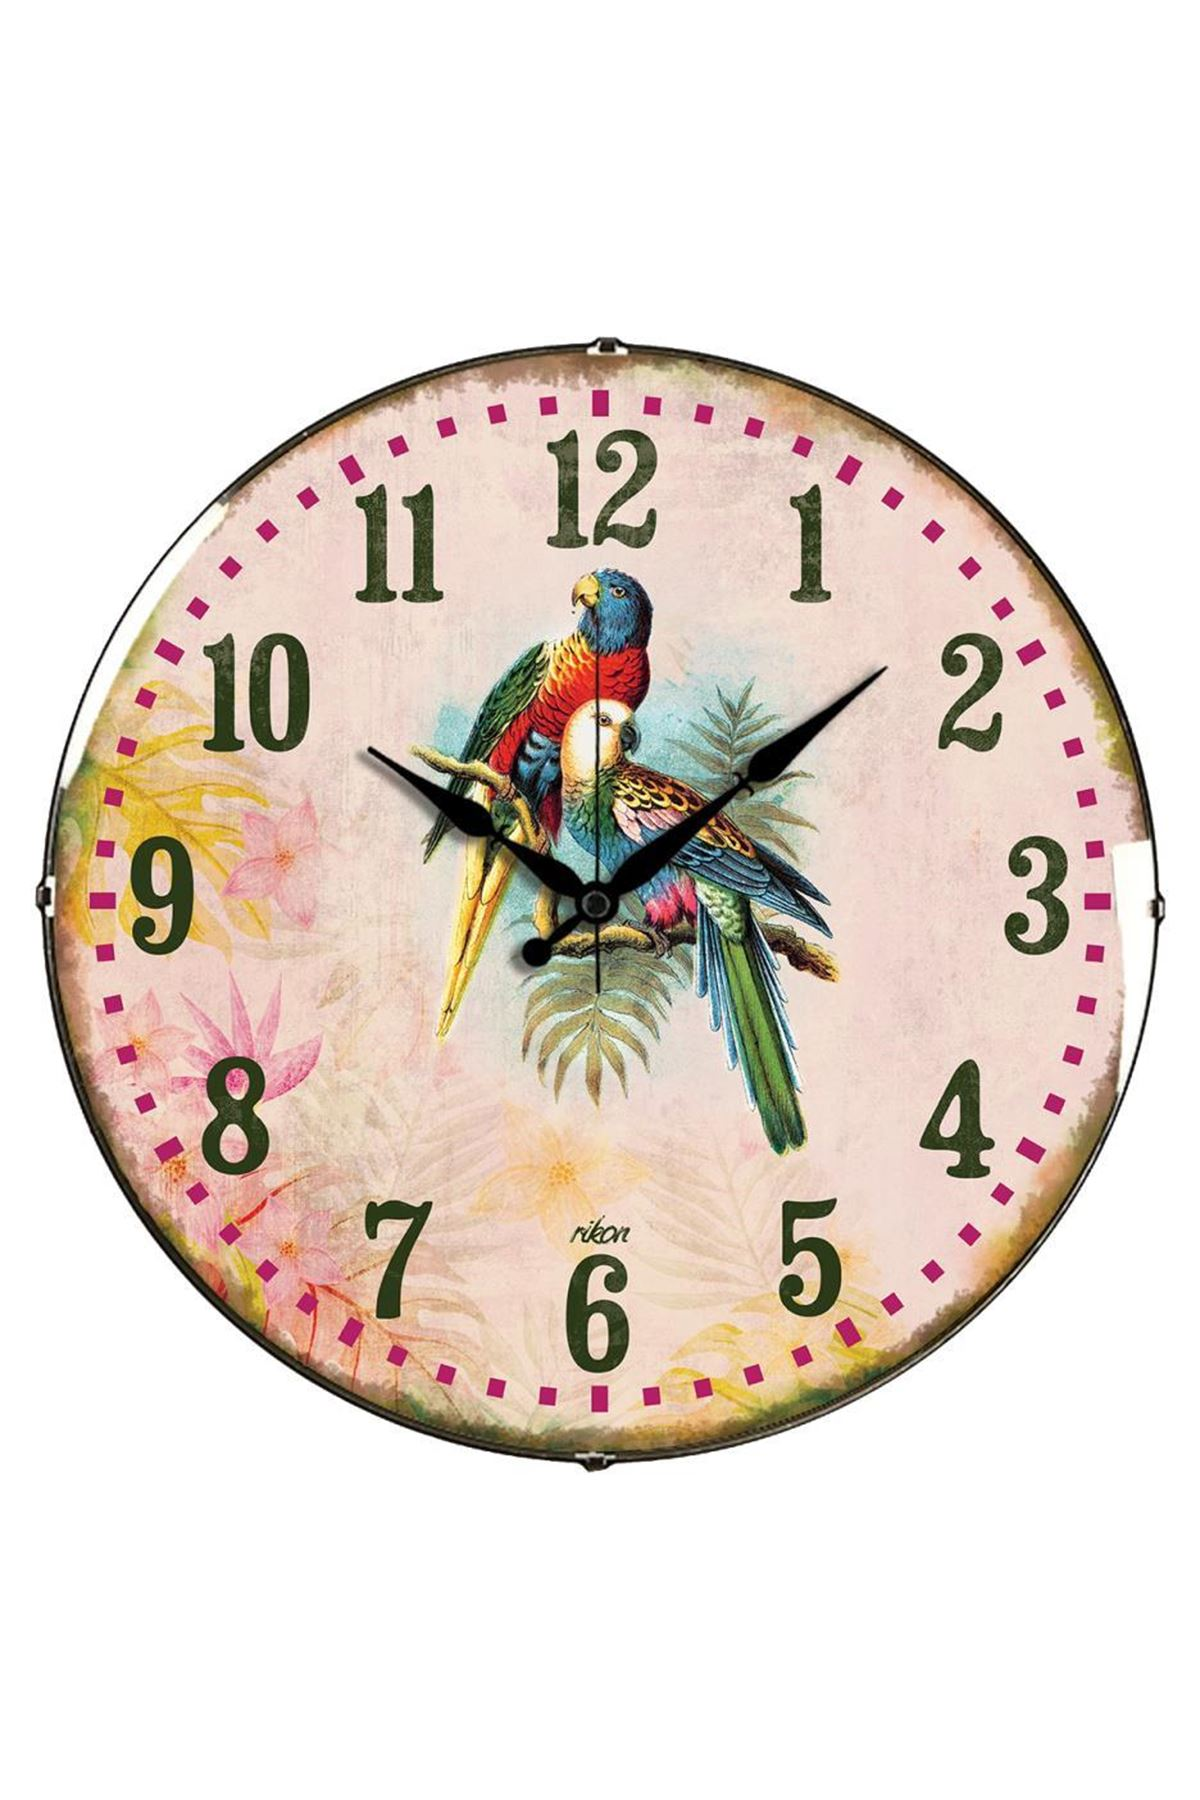 Rikon Renkli Papağanlar Dekoratif Bombe Camlı Duvar Saati